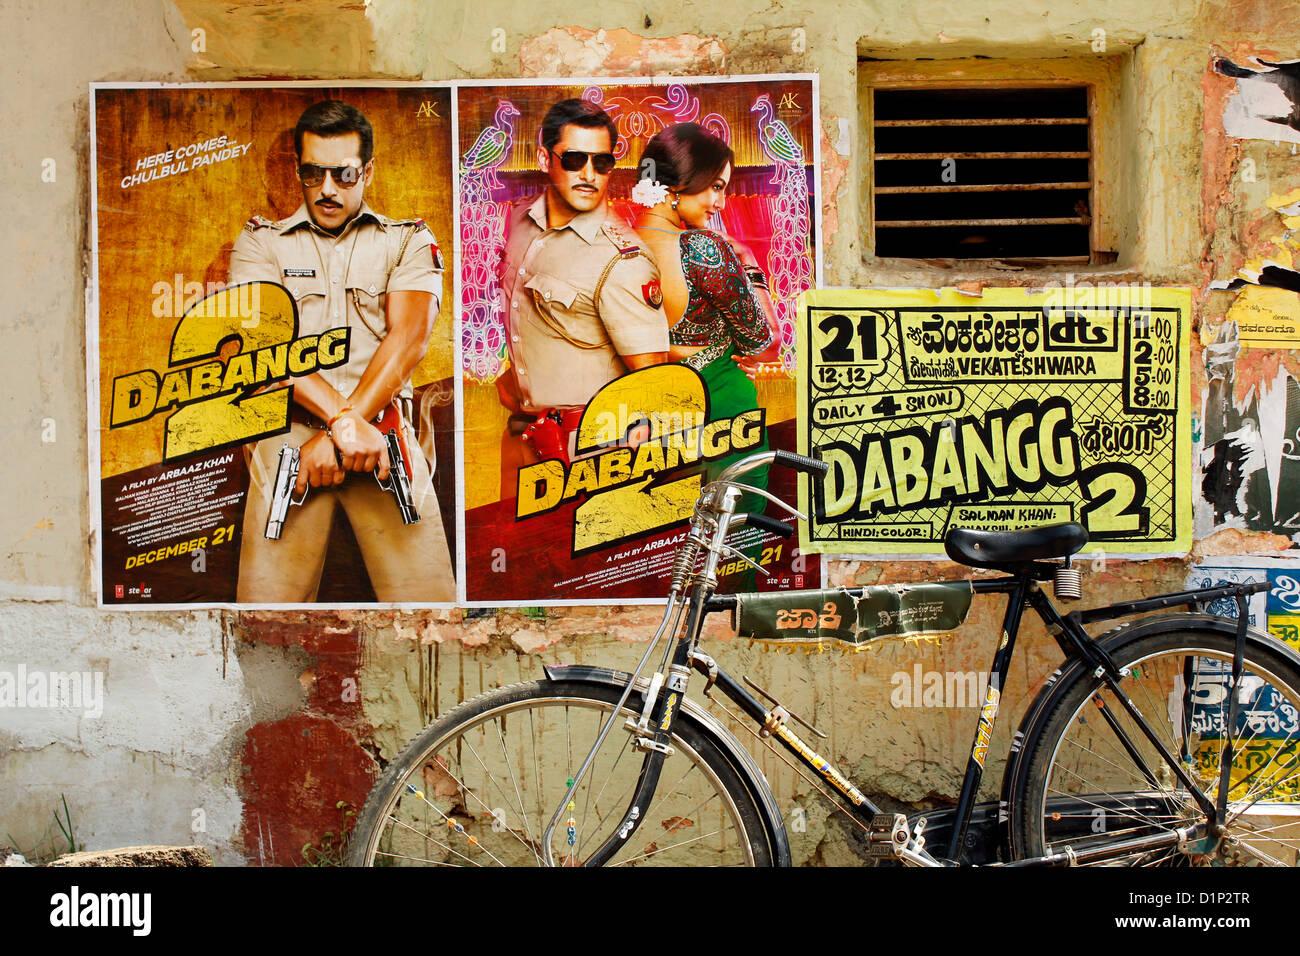 Filme de bollywood cartaz Imagens de Stock